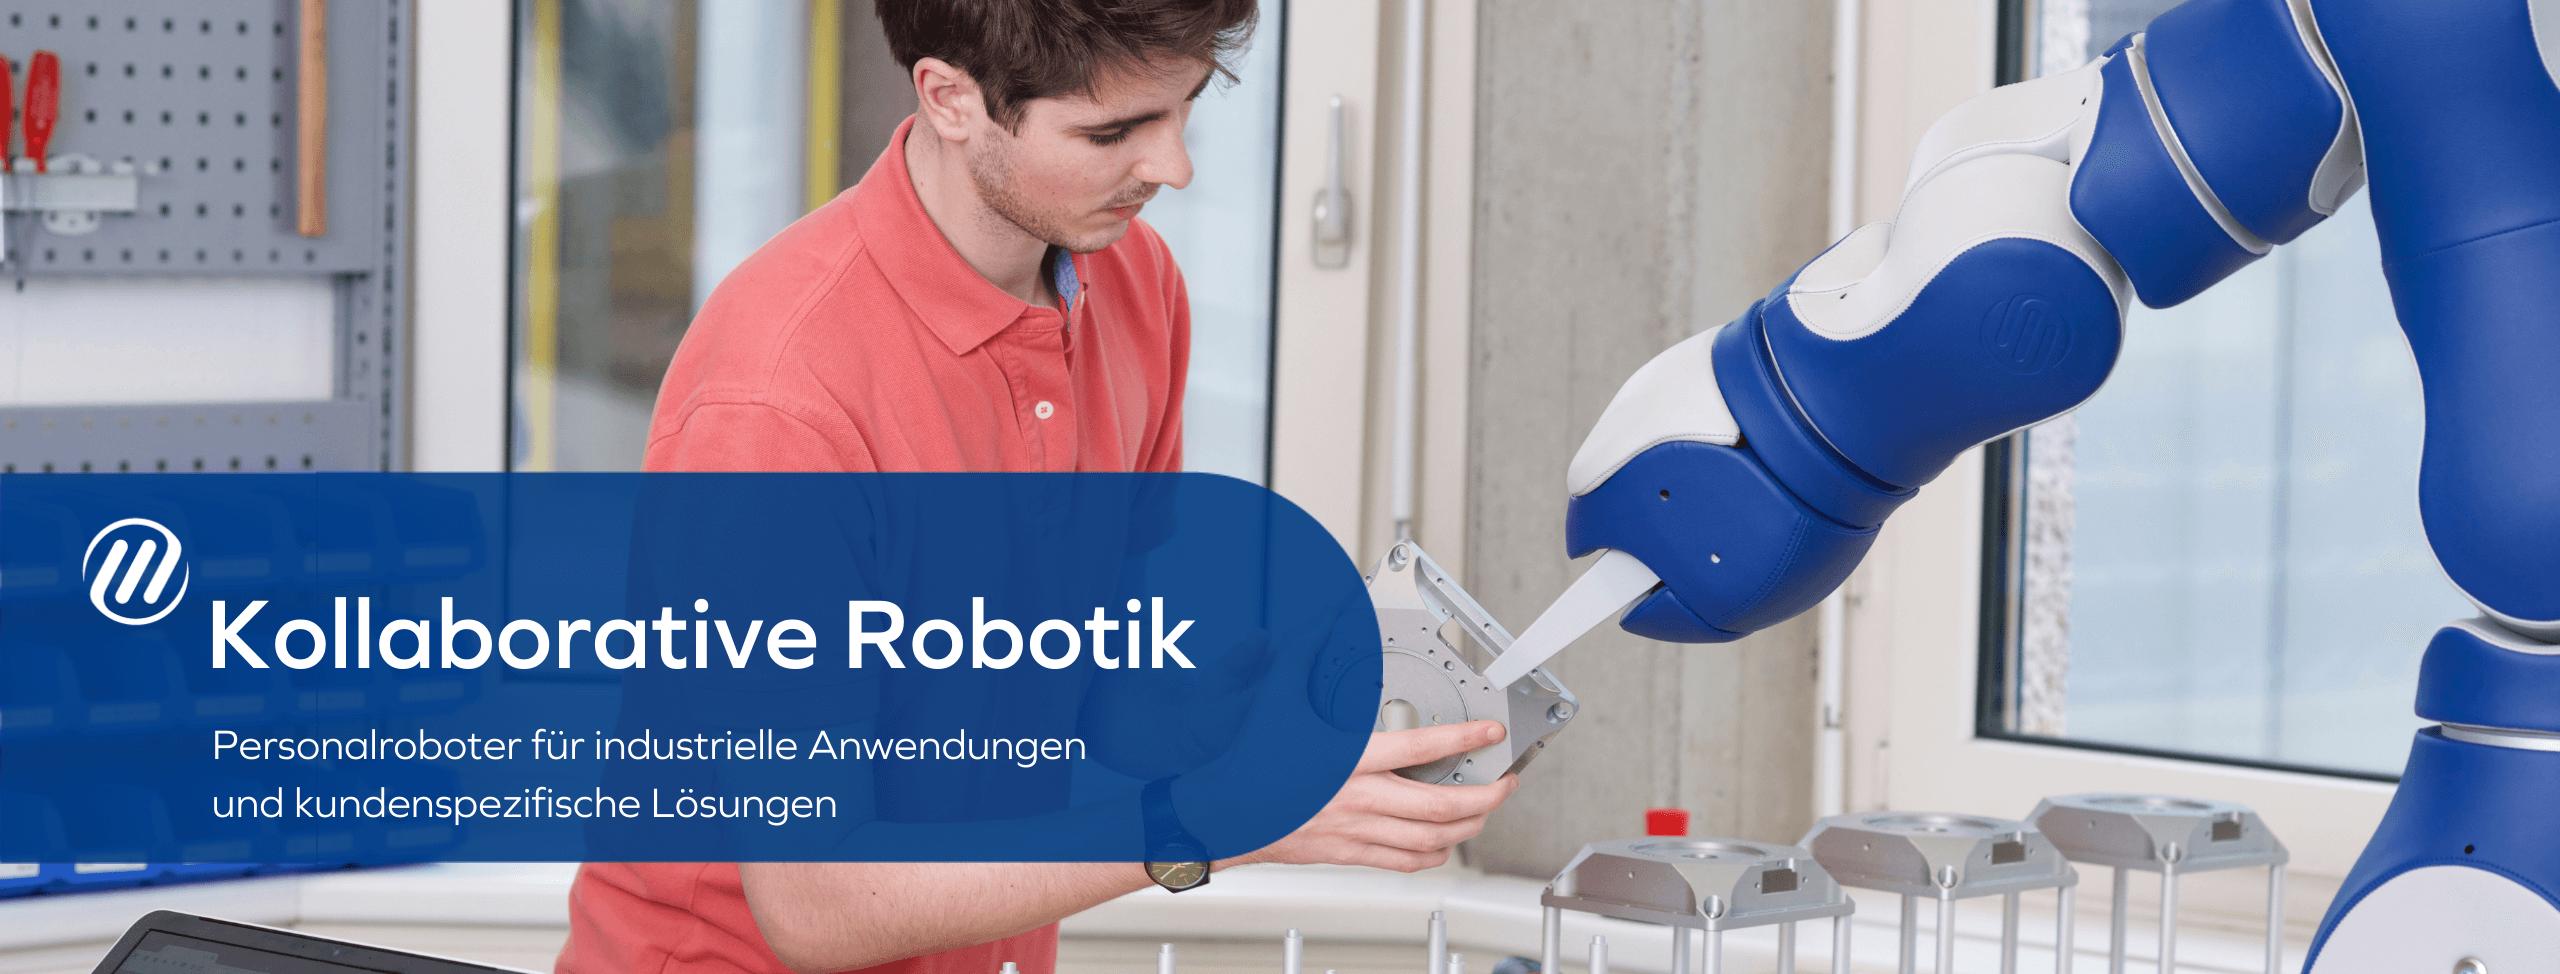 Kollaborative Robotik - Personalroboter für industrielle Anwendungen und kundenspezifische Lösungen